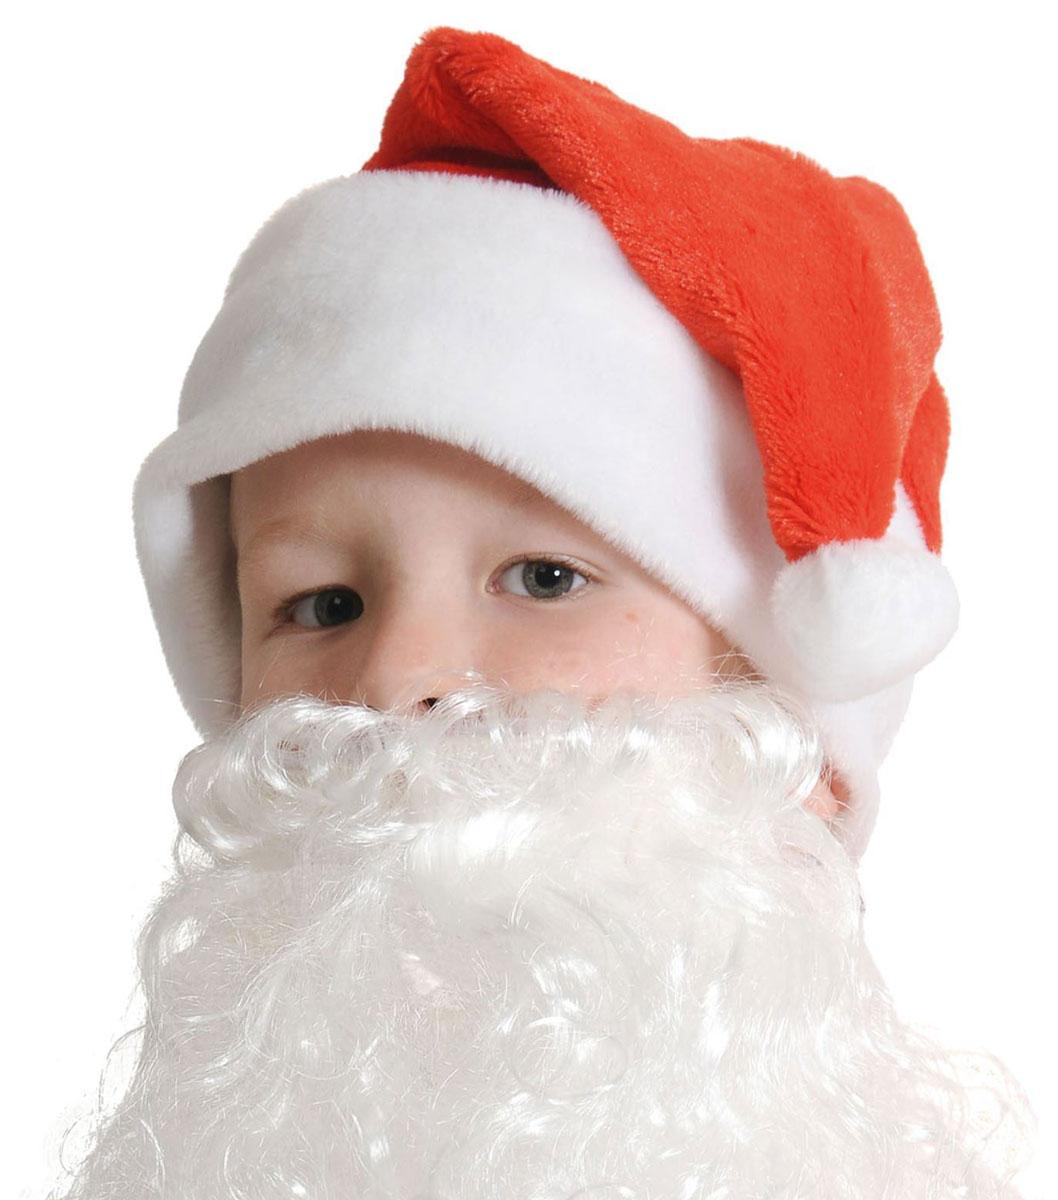 Колпак новогодний С бородой, цвет: красный. Размер 53-55 см. 25128232512823Невозможно представить нашу жизнь без праздников! Мы всегда ждем их и предвкушаем, обдумываем, как проведем памятный день, тщательно выбираем подарки и аксессуары, ведь именно они создают и поддерживают торжественный настрой. Новогодние аксессуары — это отличный выбор, который привнесет атмосферу праздника в ваш дом!